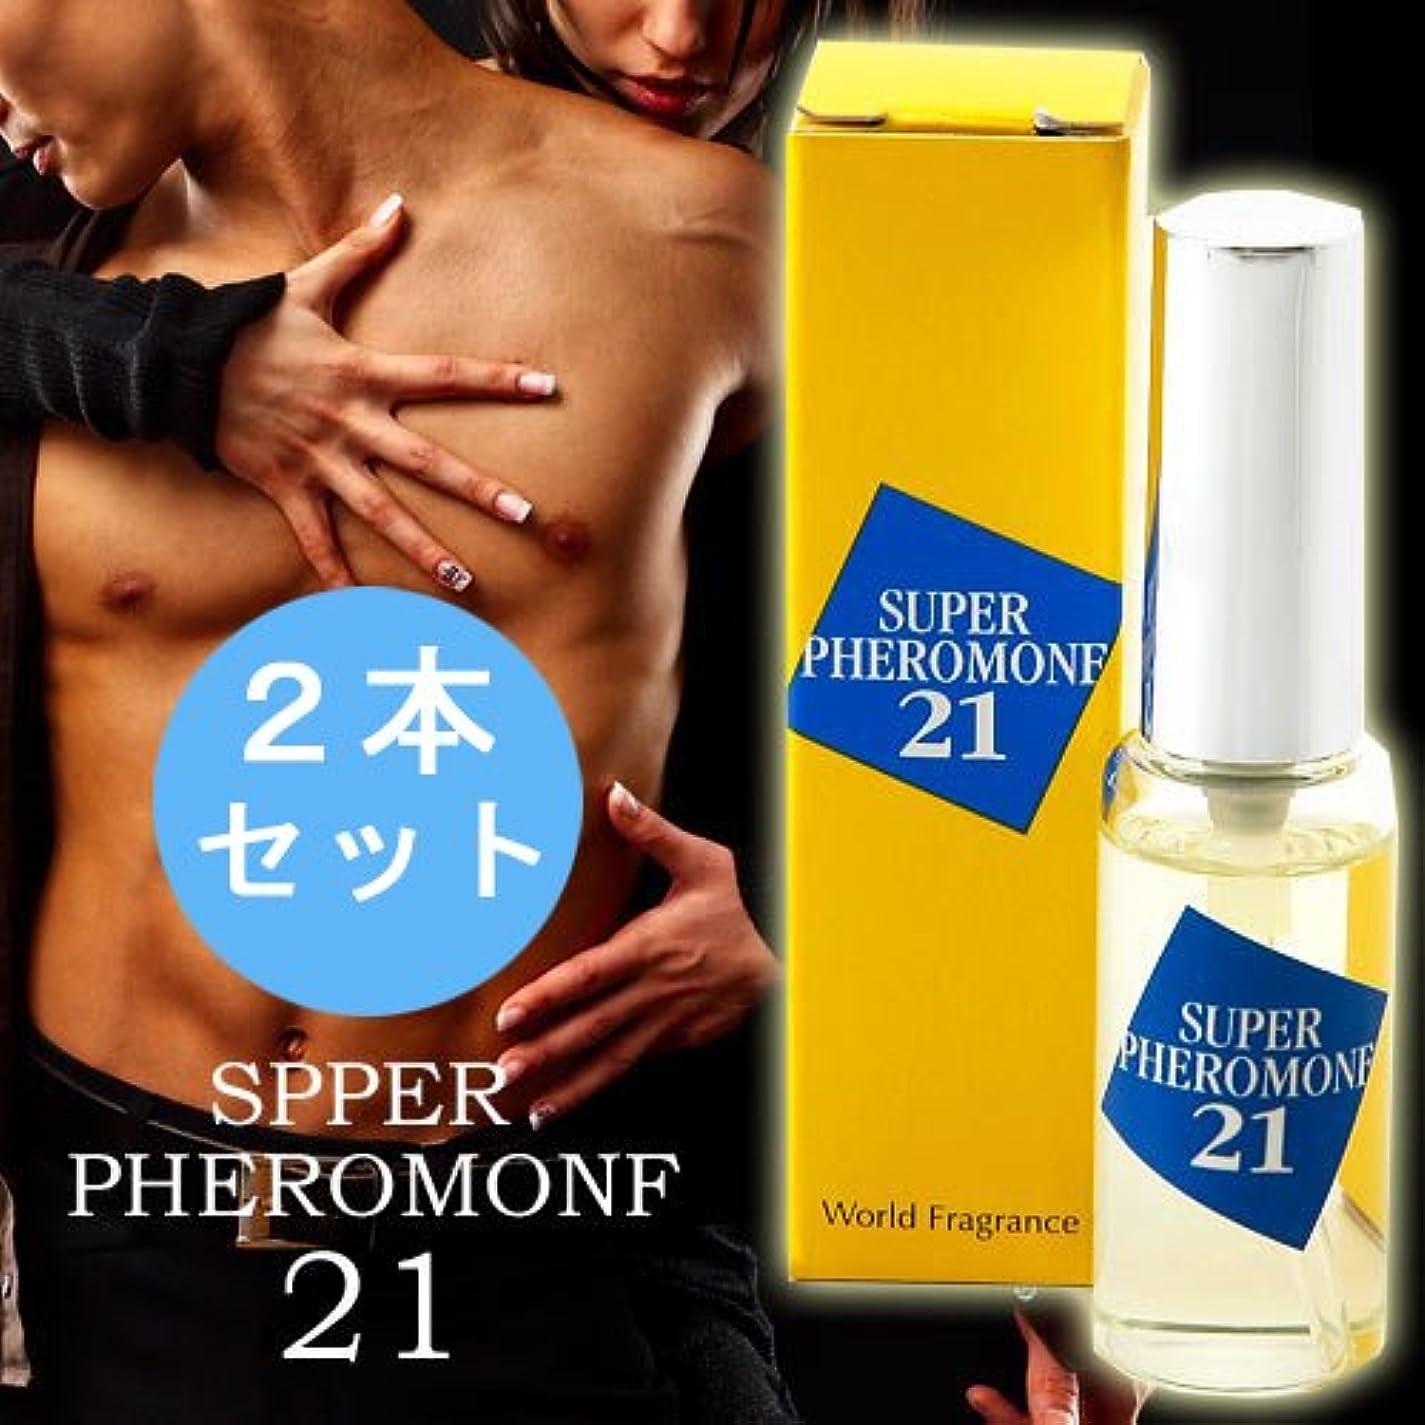 余剰略奪強度【フェロモン香水】 メンズ用 スーパーフェロモン21 (2本セット)